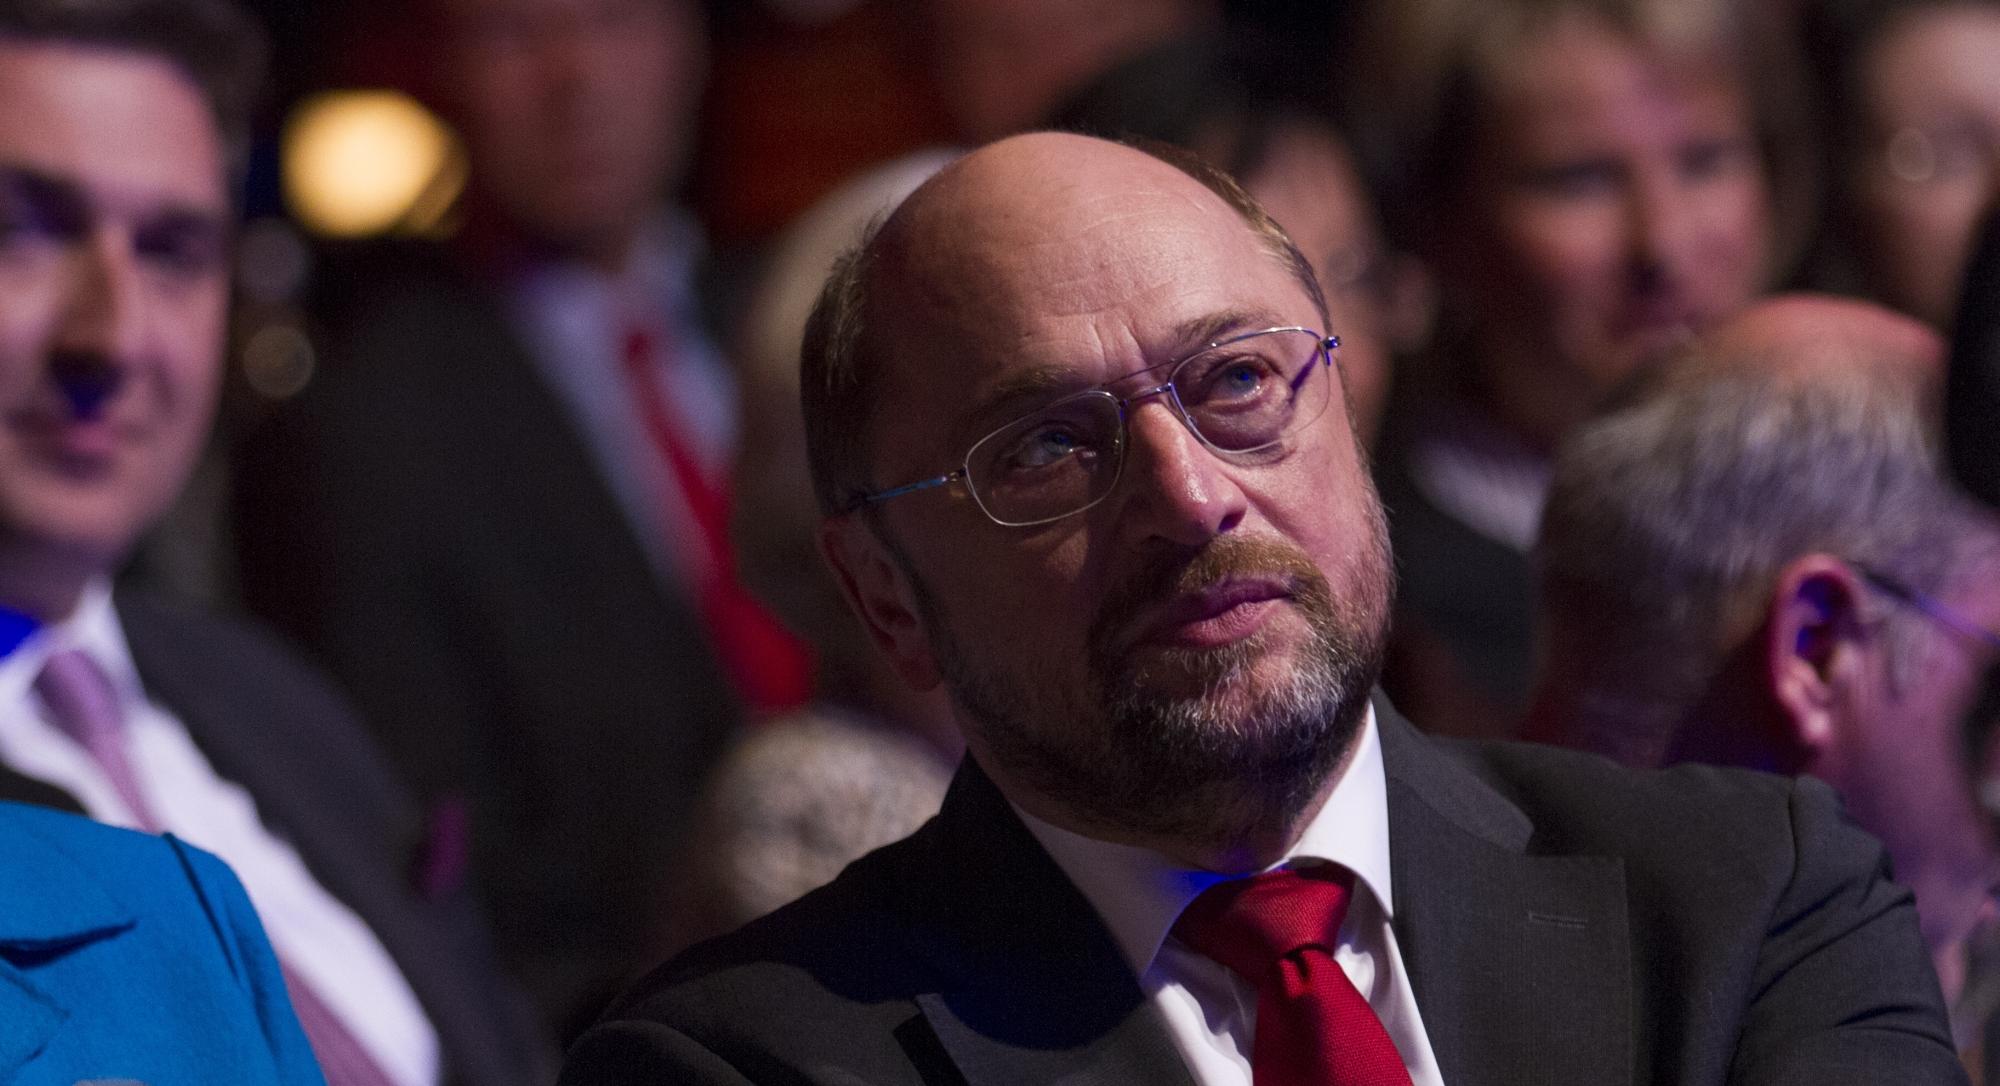 Europaparlamentspräsident Martin Schulz beim Politikaward 2013. Foto: Stephan Baumann